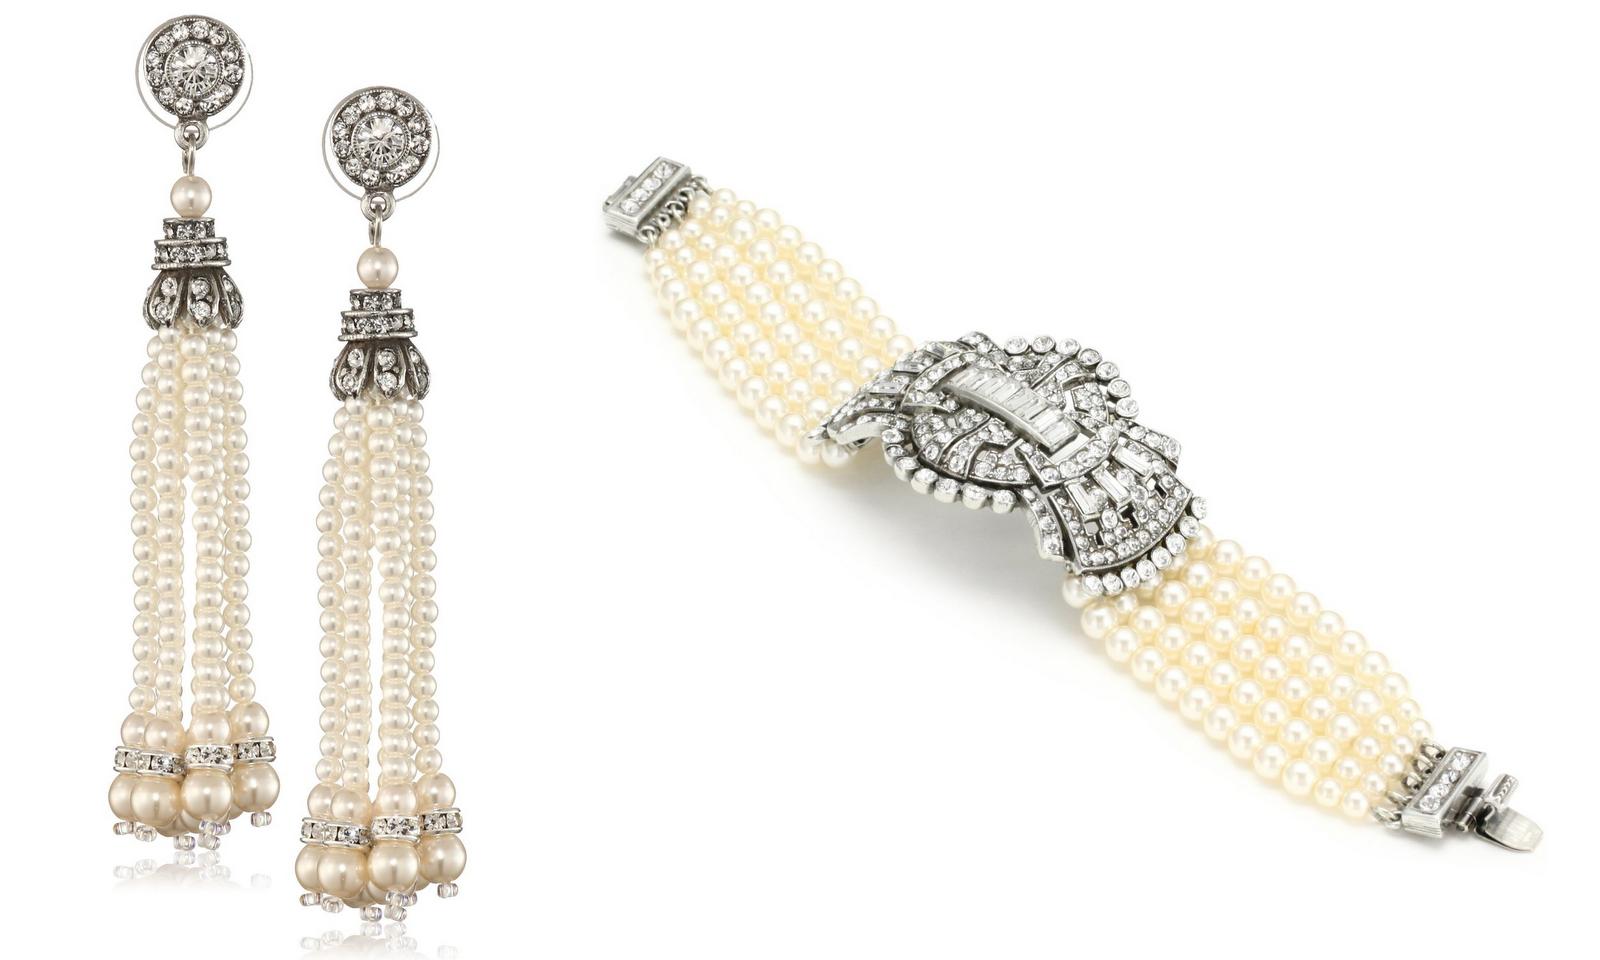 Pearl Deco Bow Bracelet And Pearl And Crystal Tassel Earrings  (below)